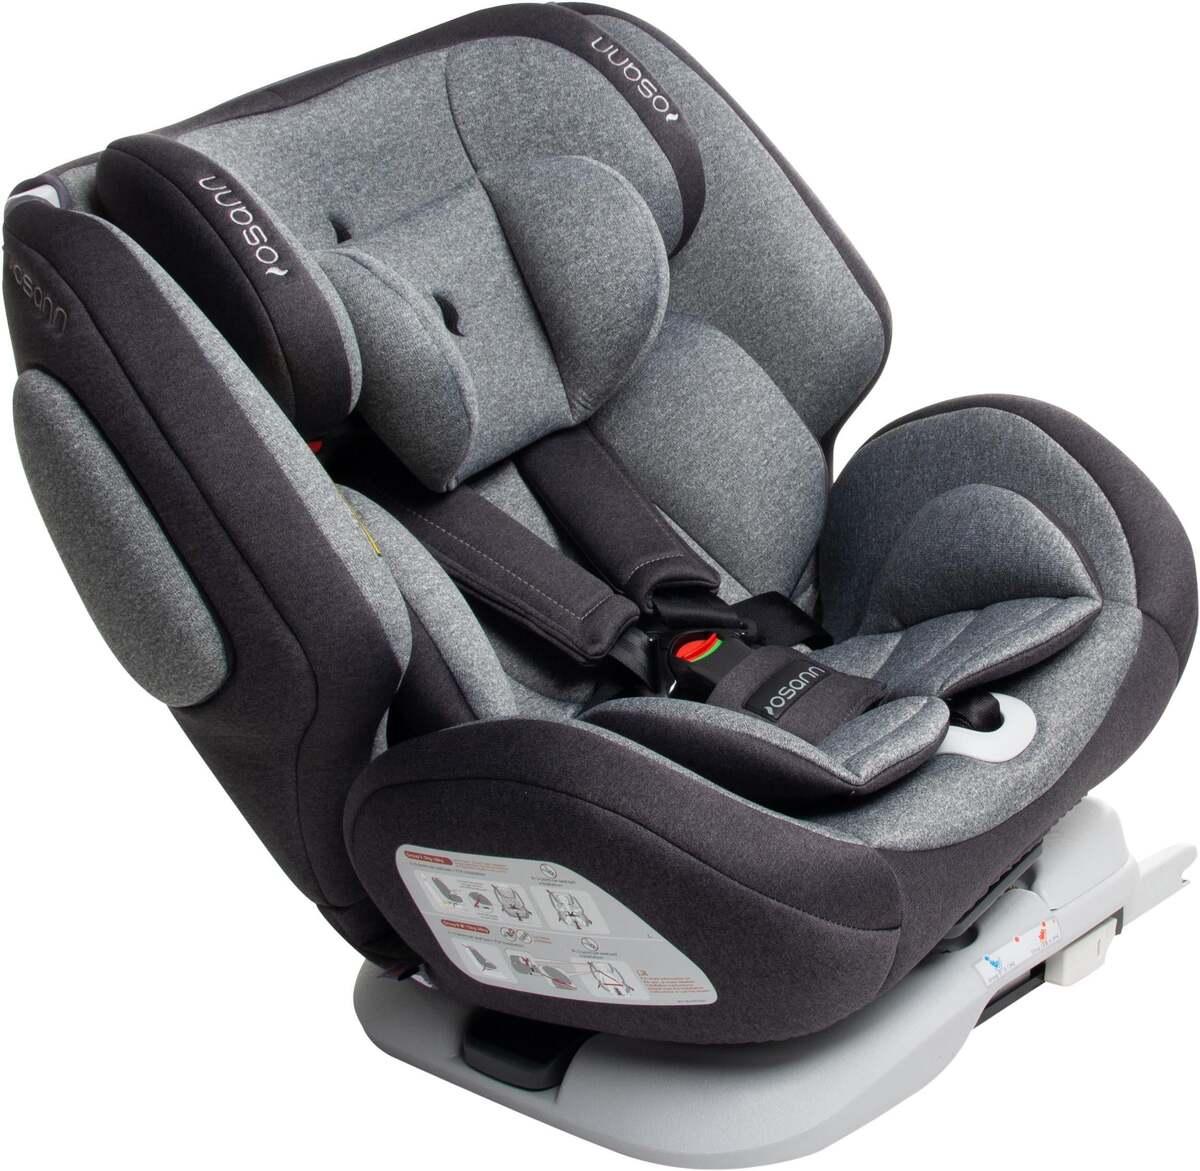 Bild 2 von osann Kinderautositz One360° Universe Grey